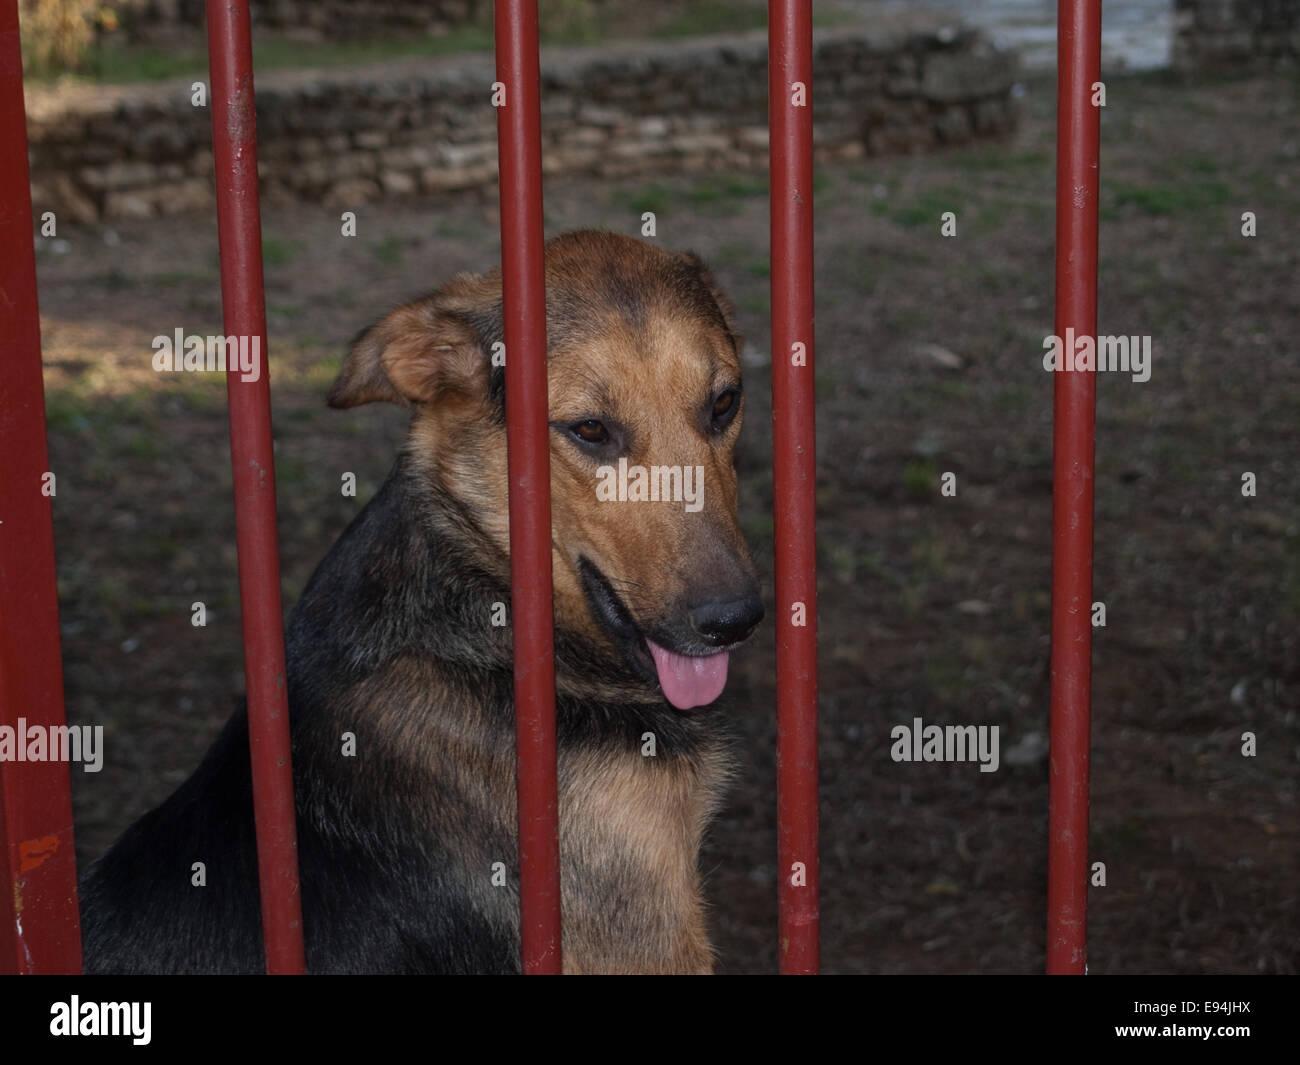 mongrel dog sitting behind garden gate panting - Stock Image